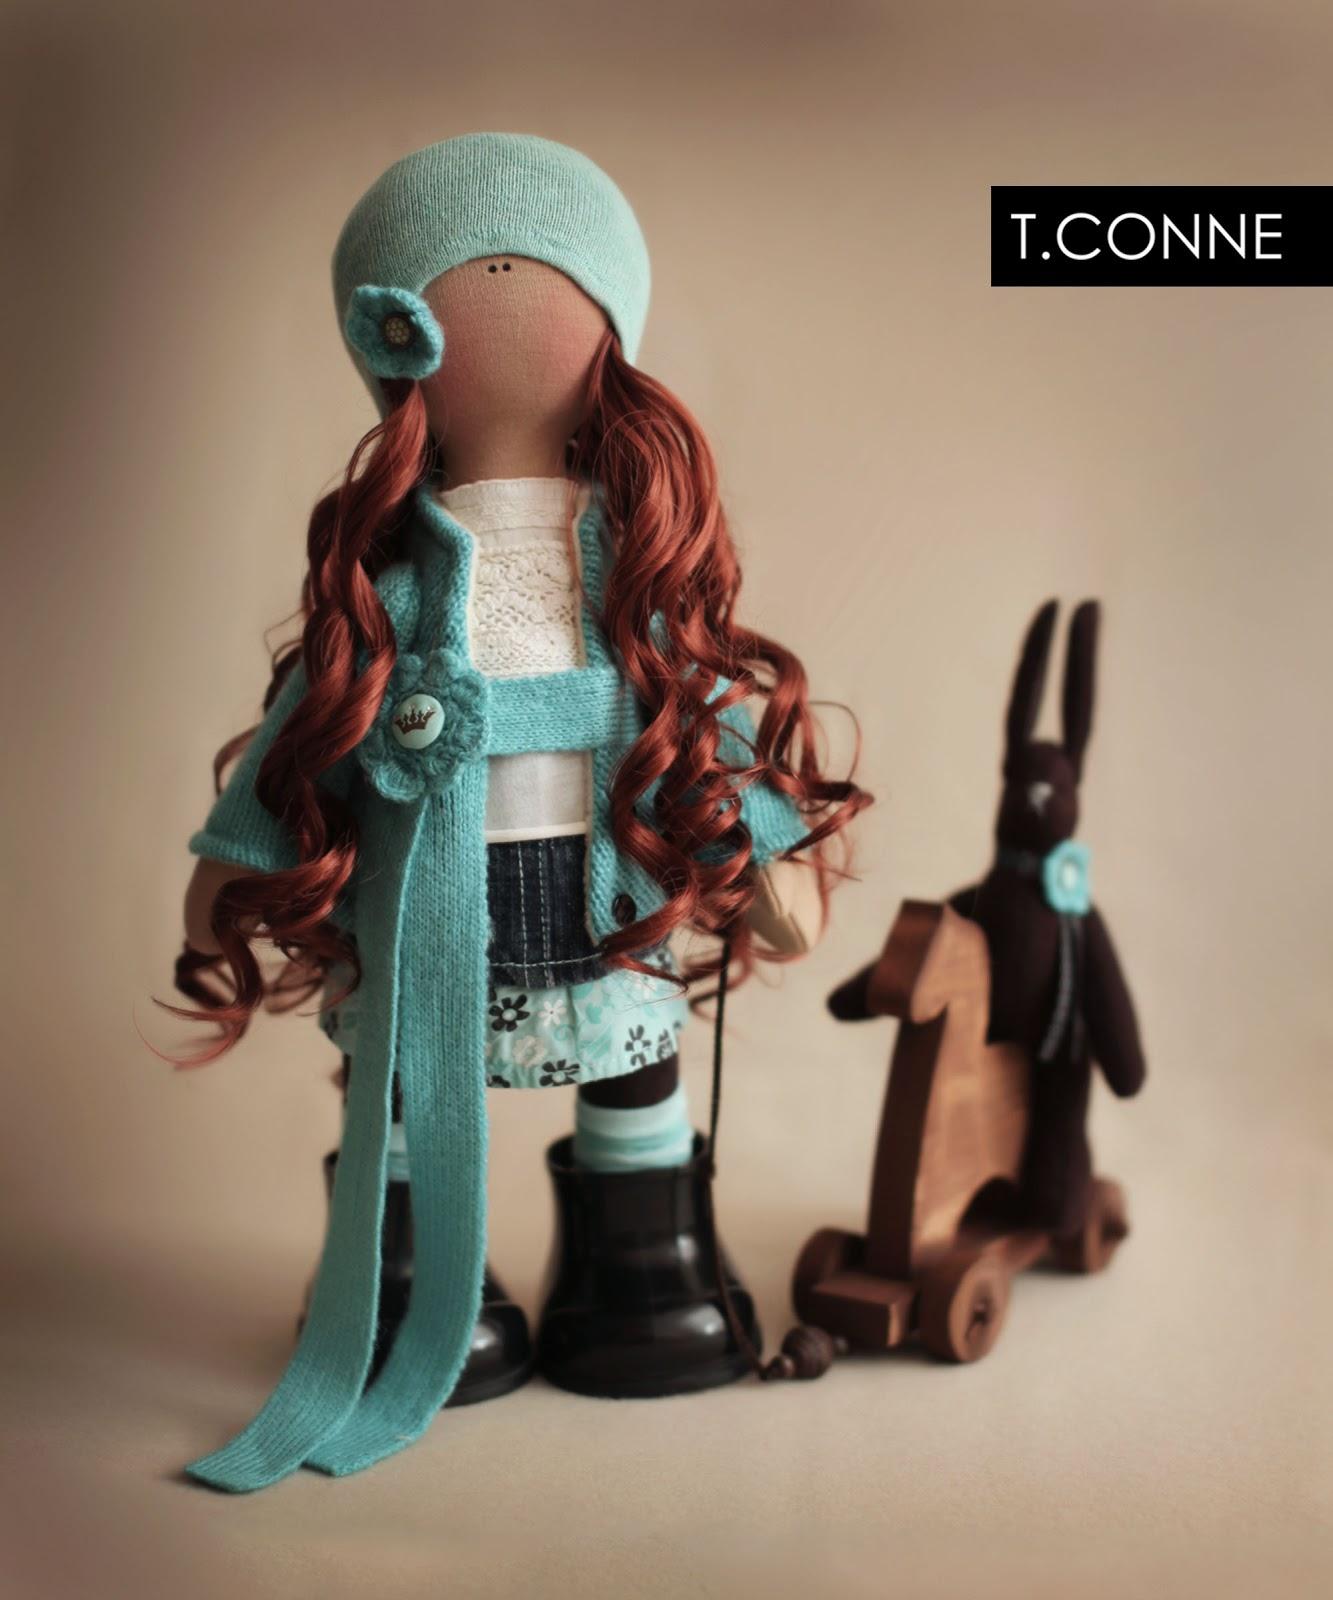 Очаровательная куколка от Татьяны Коннэ Очаровательная куколка от Татьяны Коннэ Не перестаю восхищаться работами...